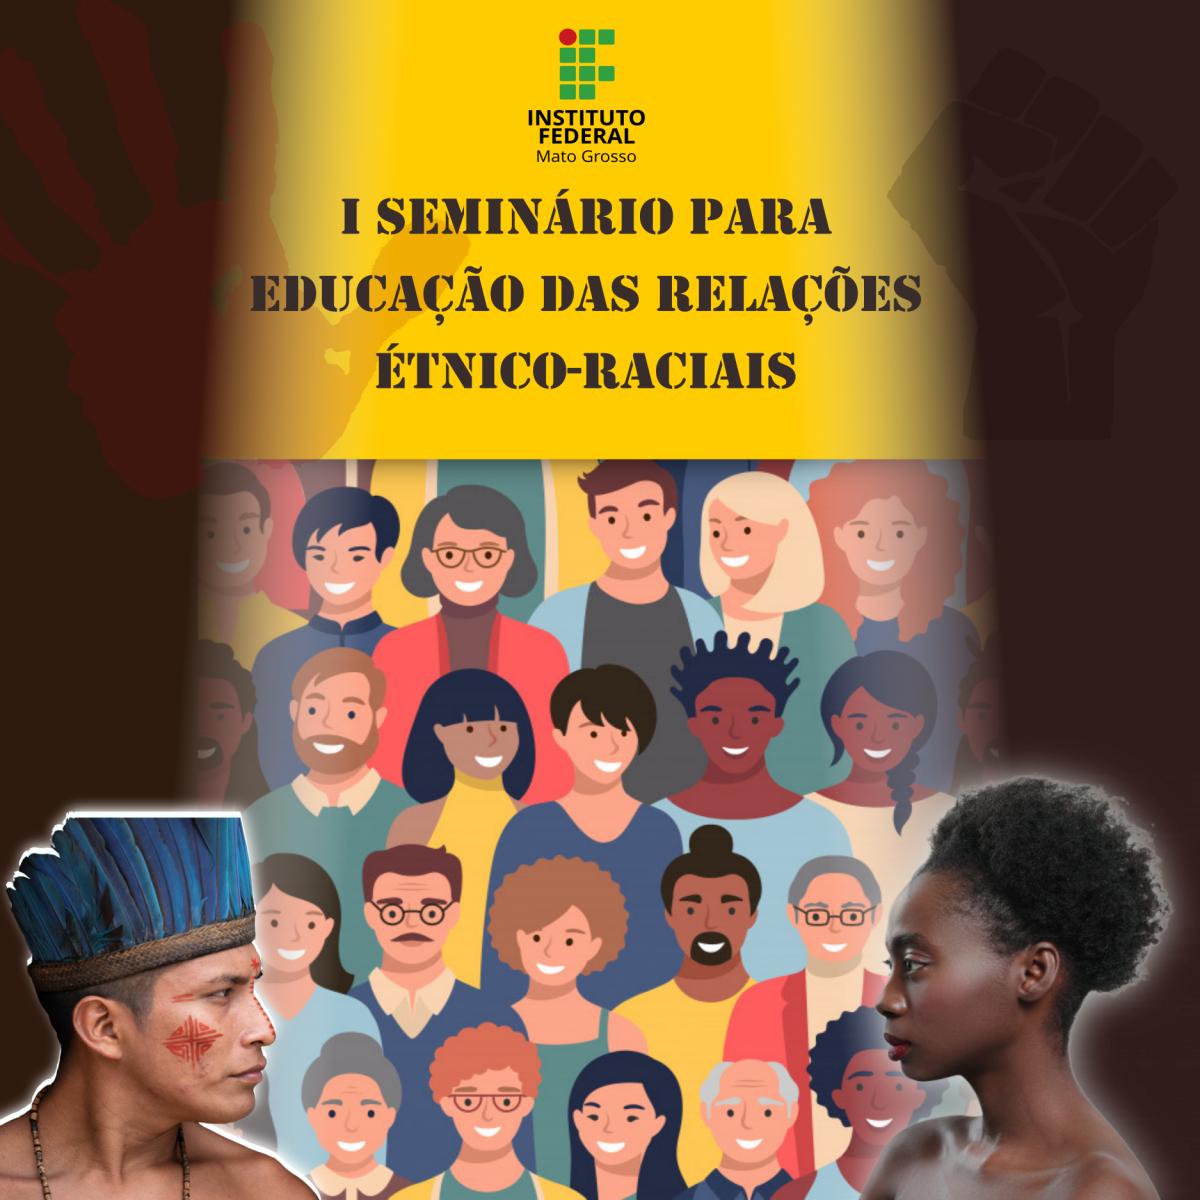 I SEMINÁRIO PARA A EDUCAÇÃO DAS RELAÇÕES ÉTNICO-RACIAIS